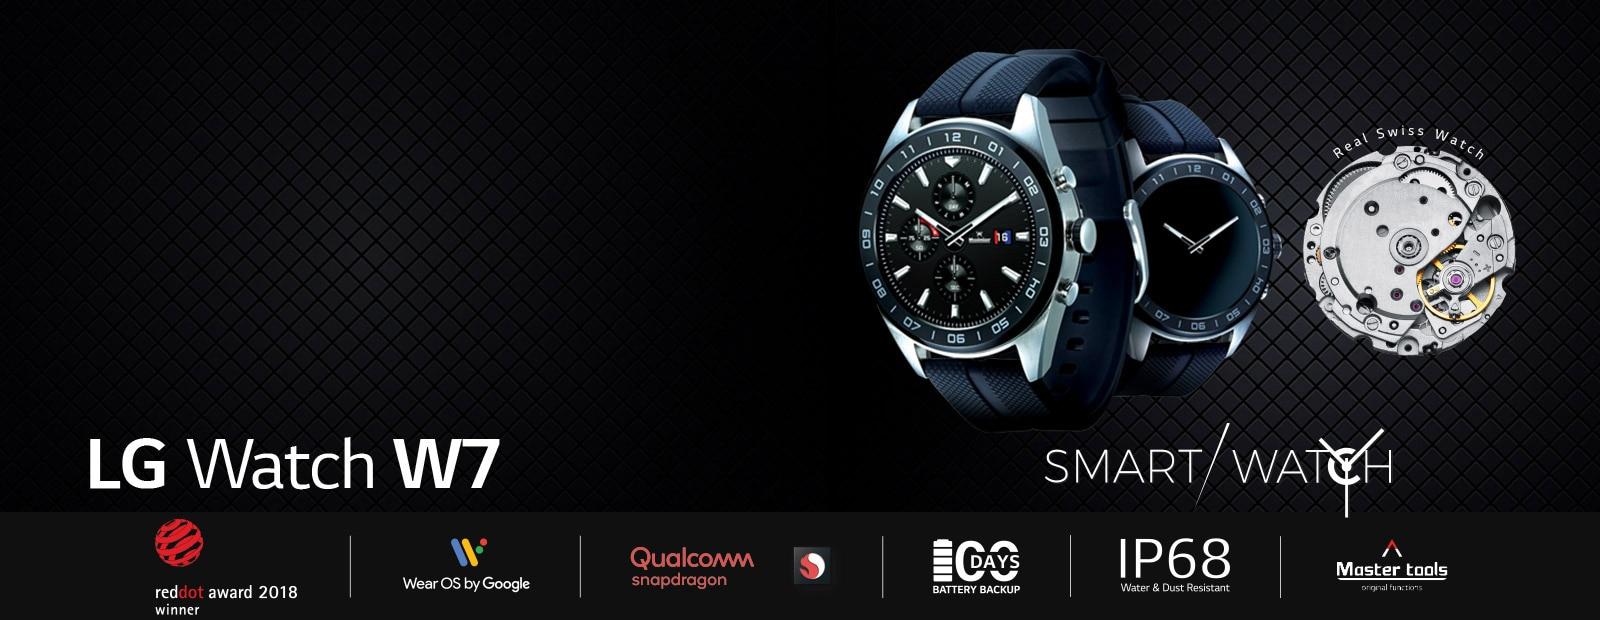 New W7 Smartwatch<br>1